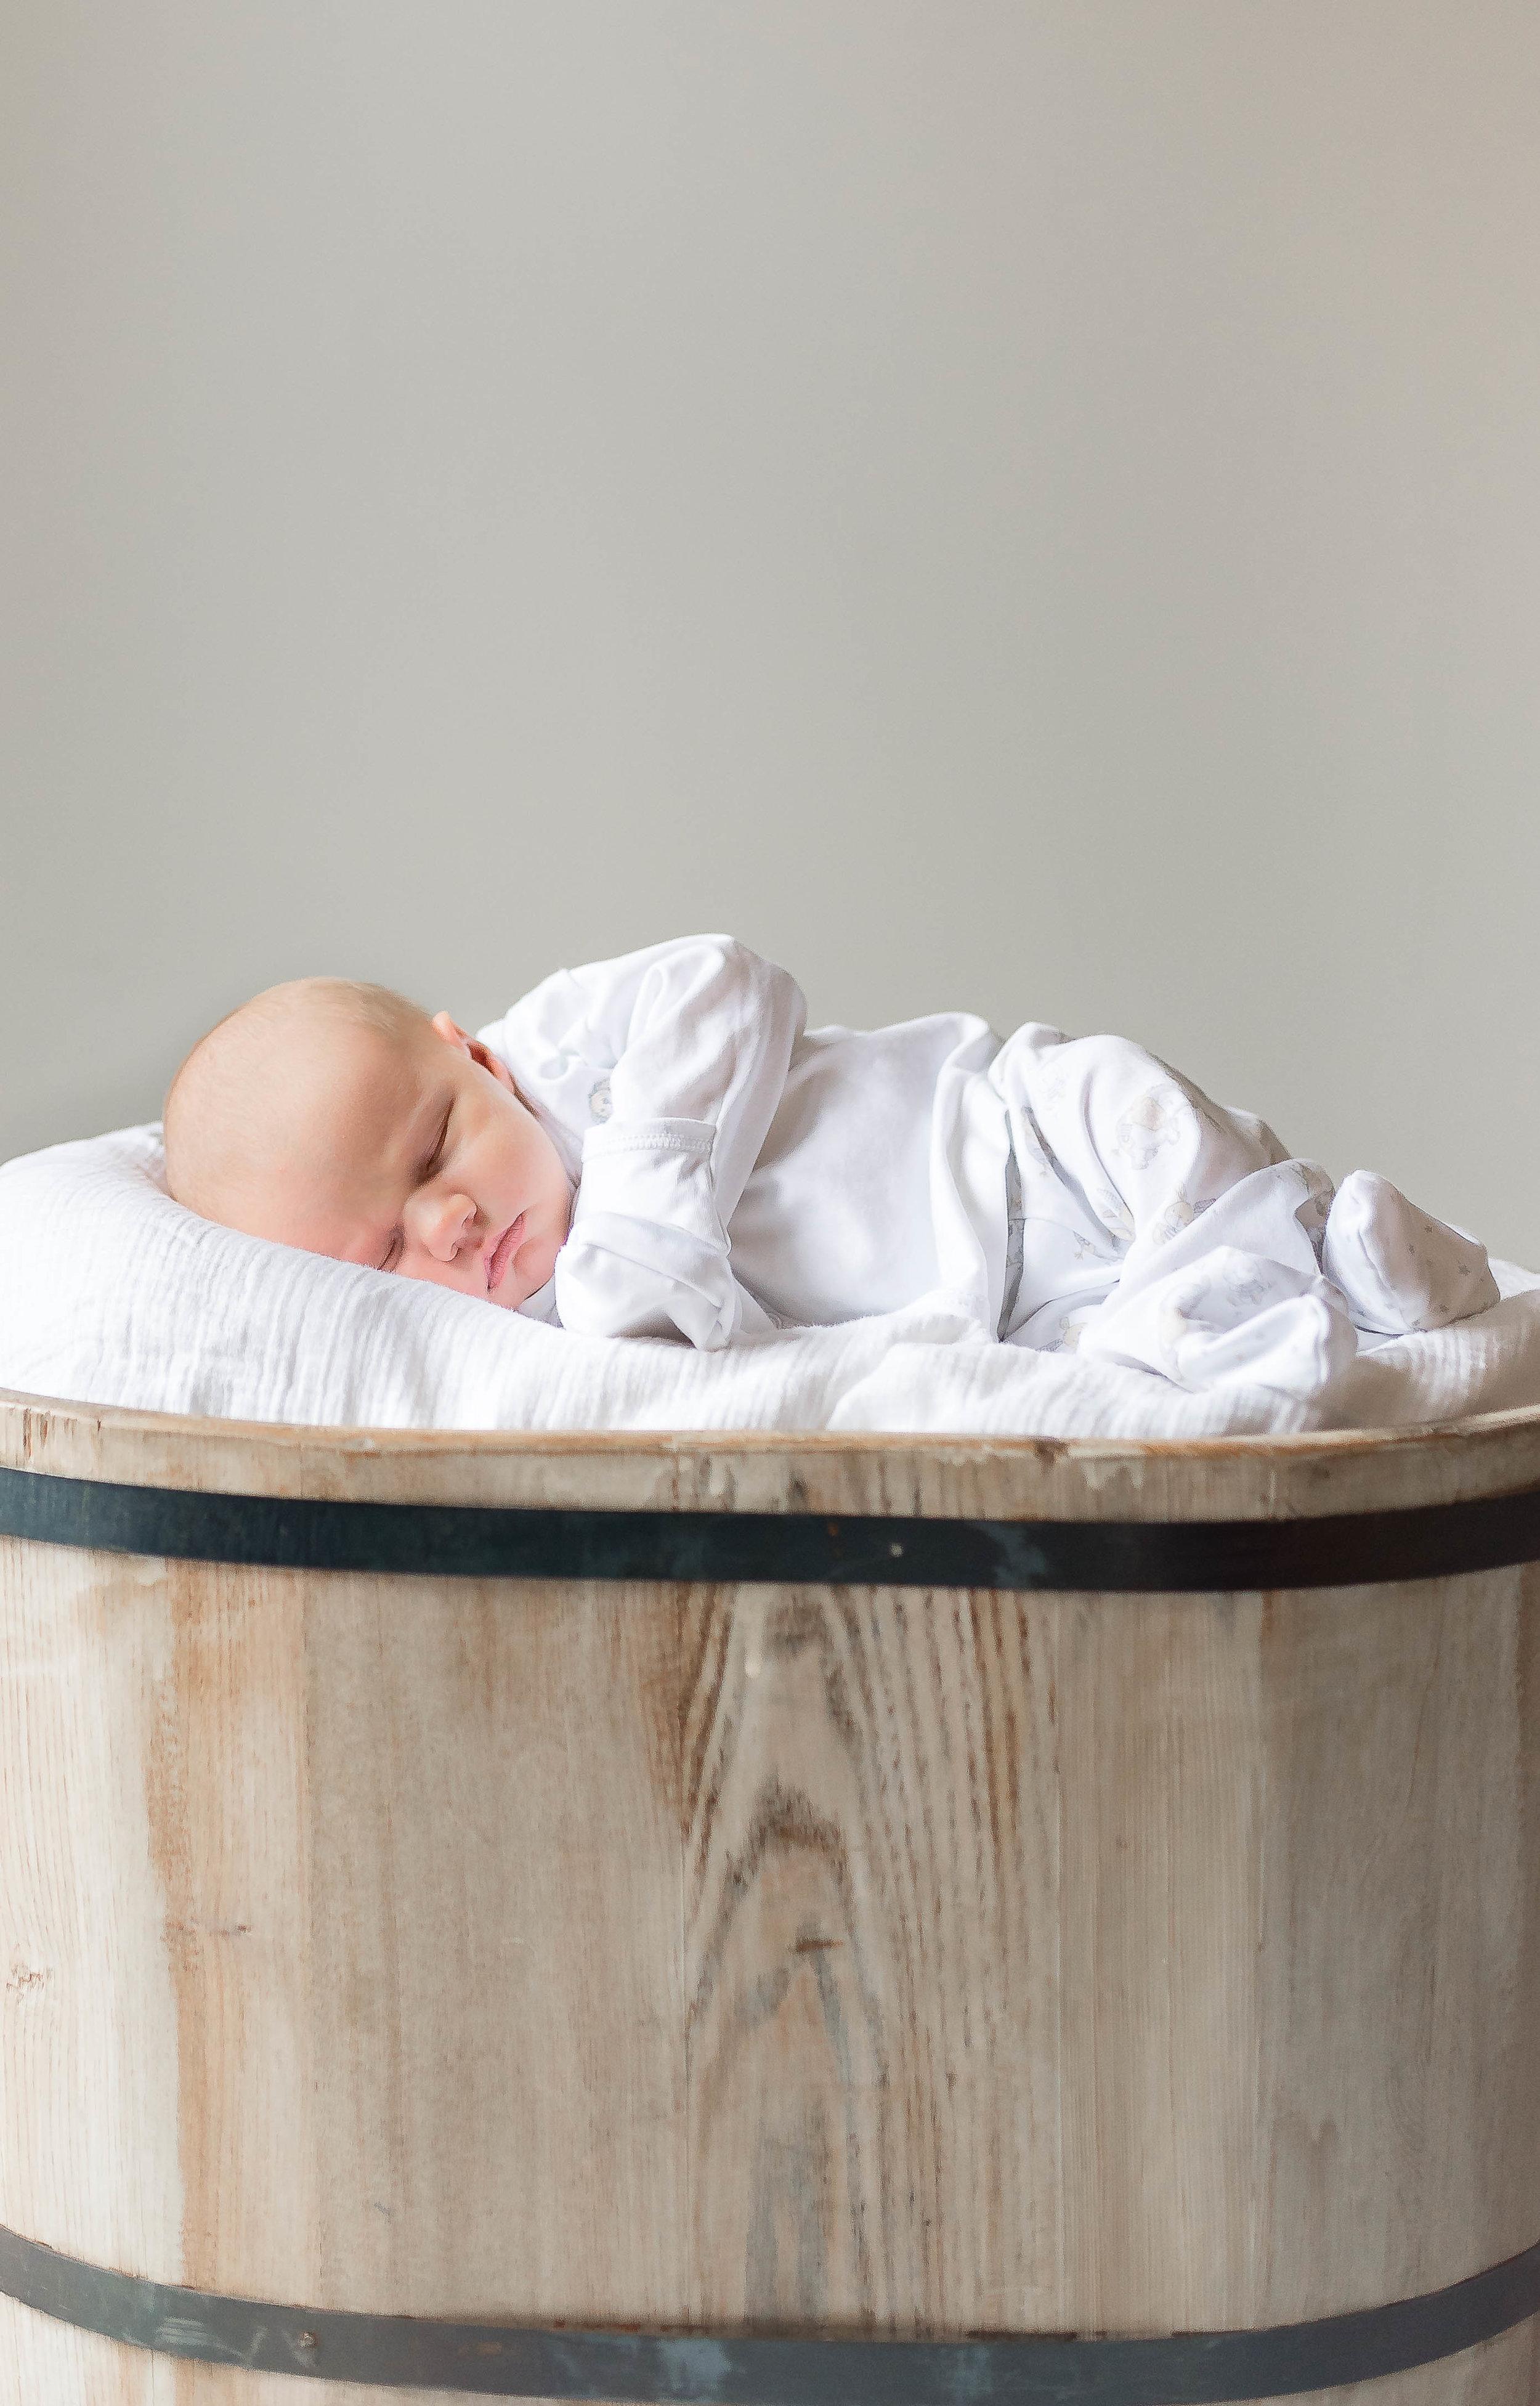 Erin-Fabio-Photography-Everett-Carr-Newborns-Sept-2018-16.jpg